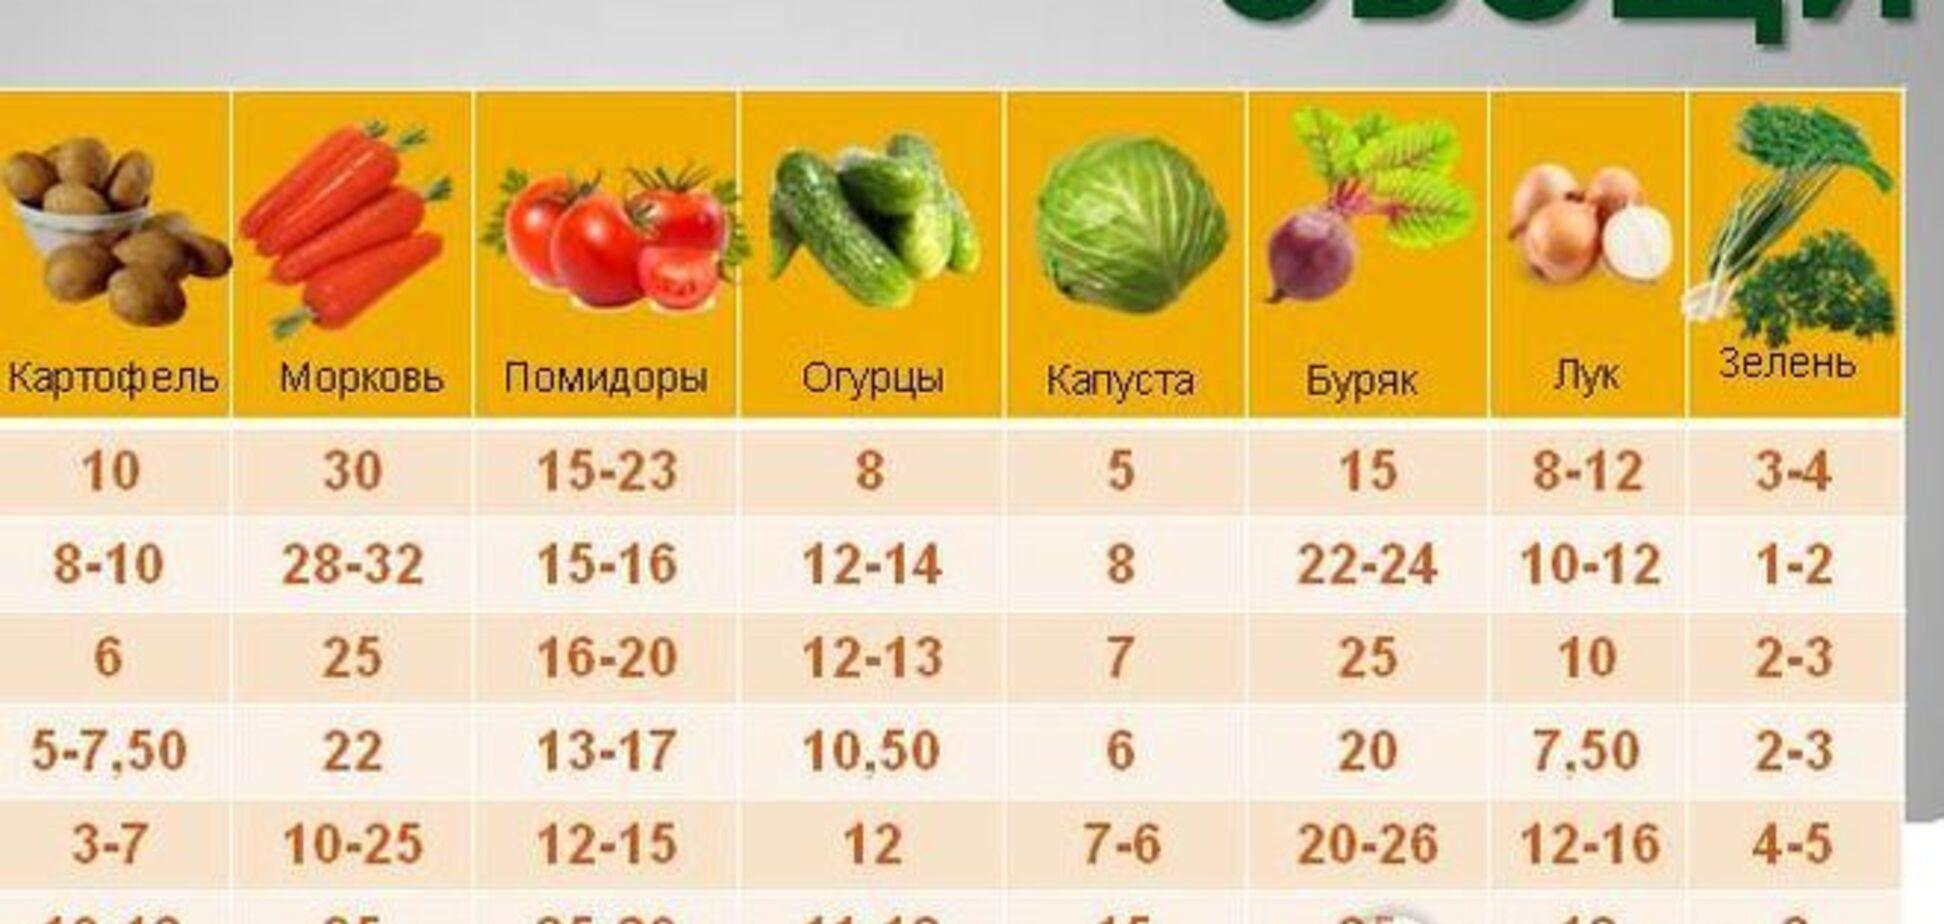 Як відрізняється вартість 'натурпродуктів' в різних регіонах України: огляд цін